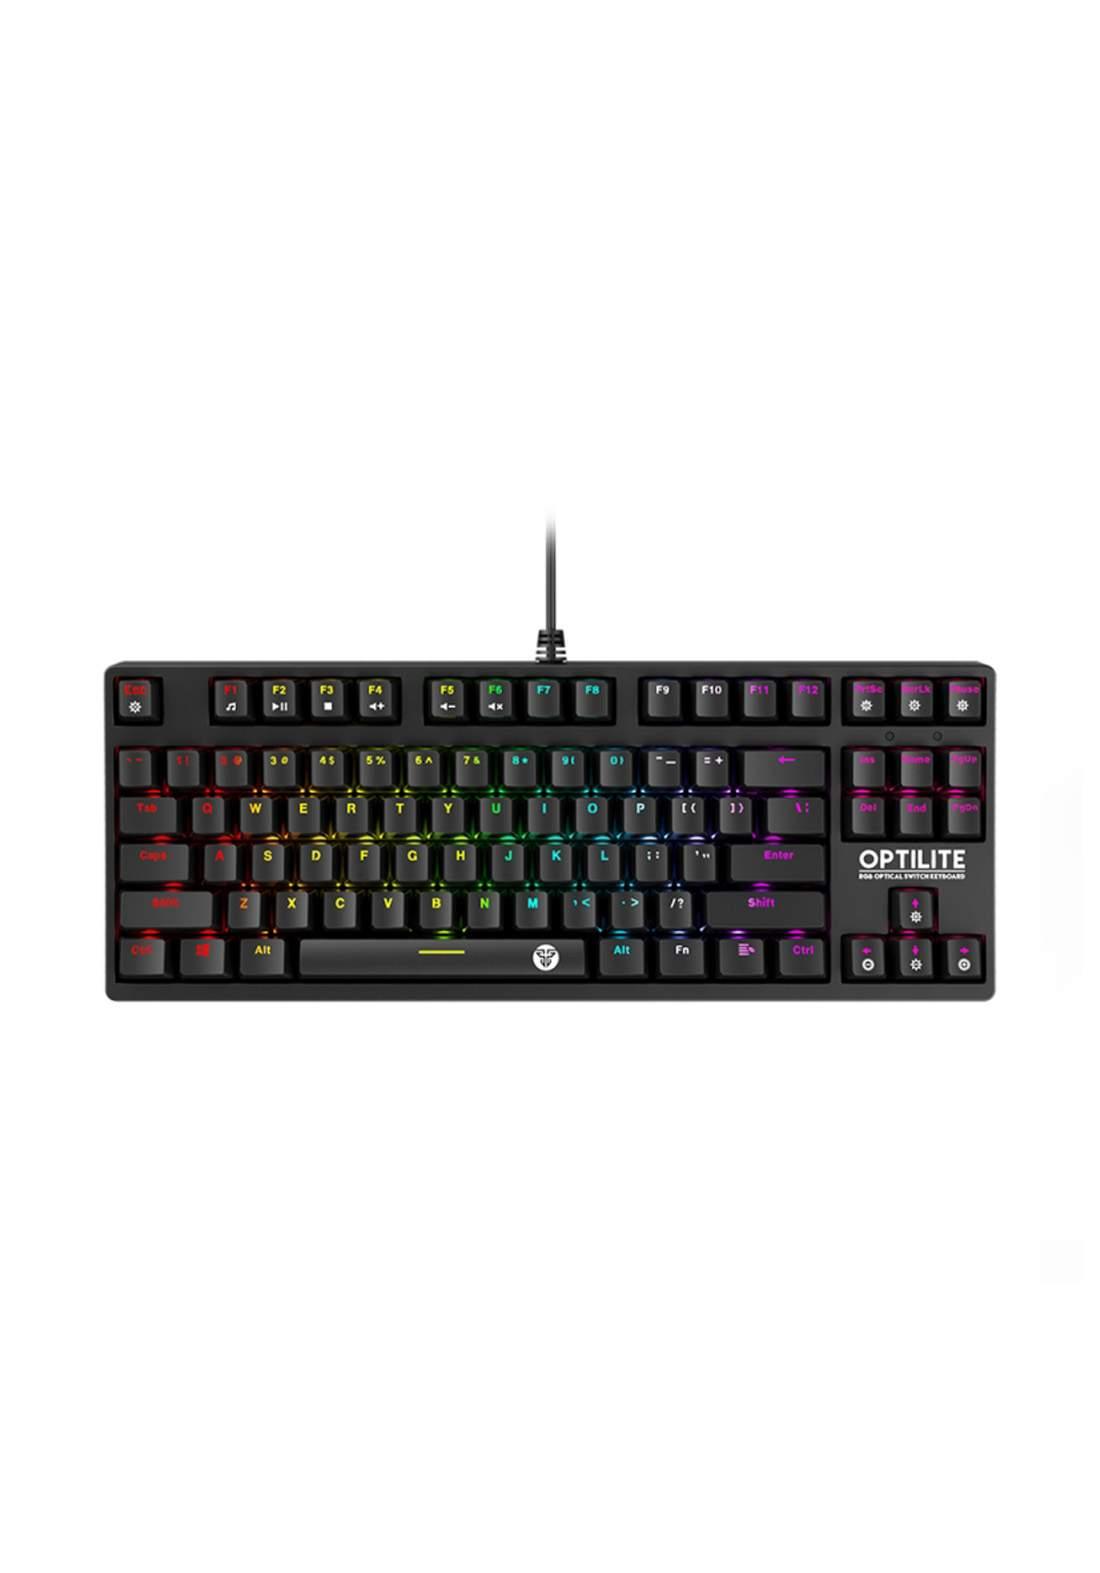 Fantech MK872 RGB Optilite Tournament Edition RGB Optical Switch Keyboard - Black كيبورد